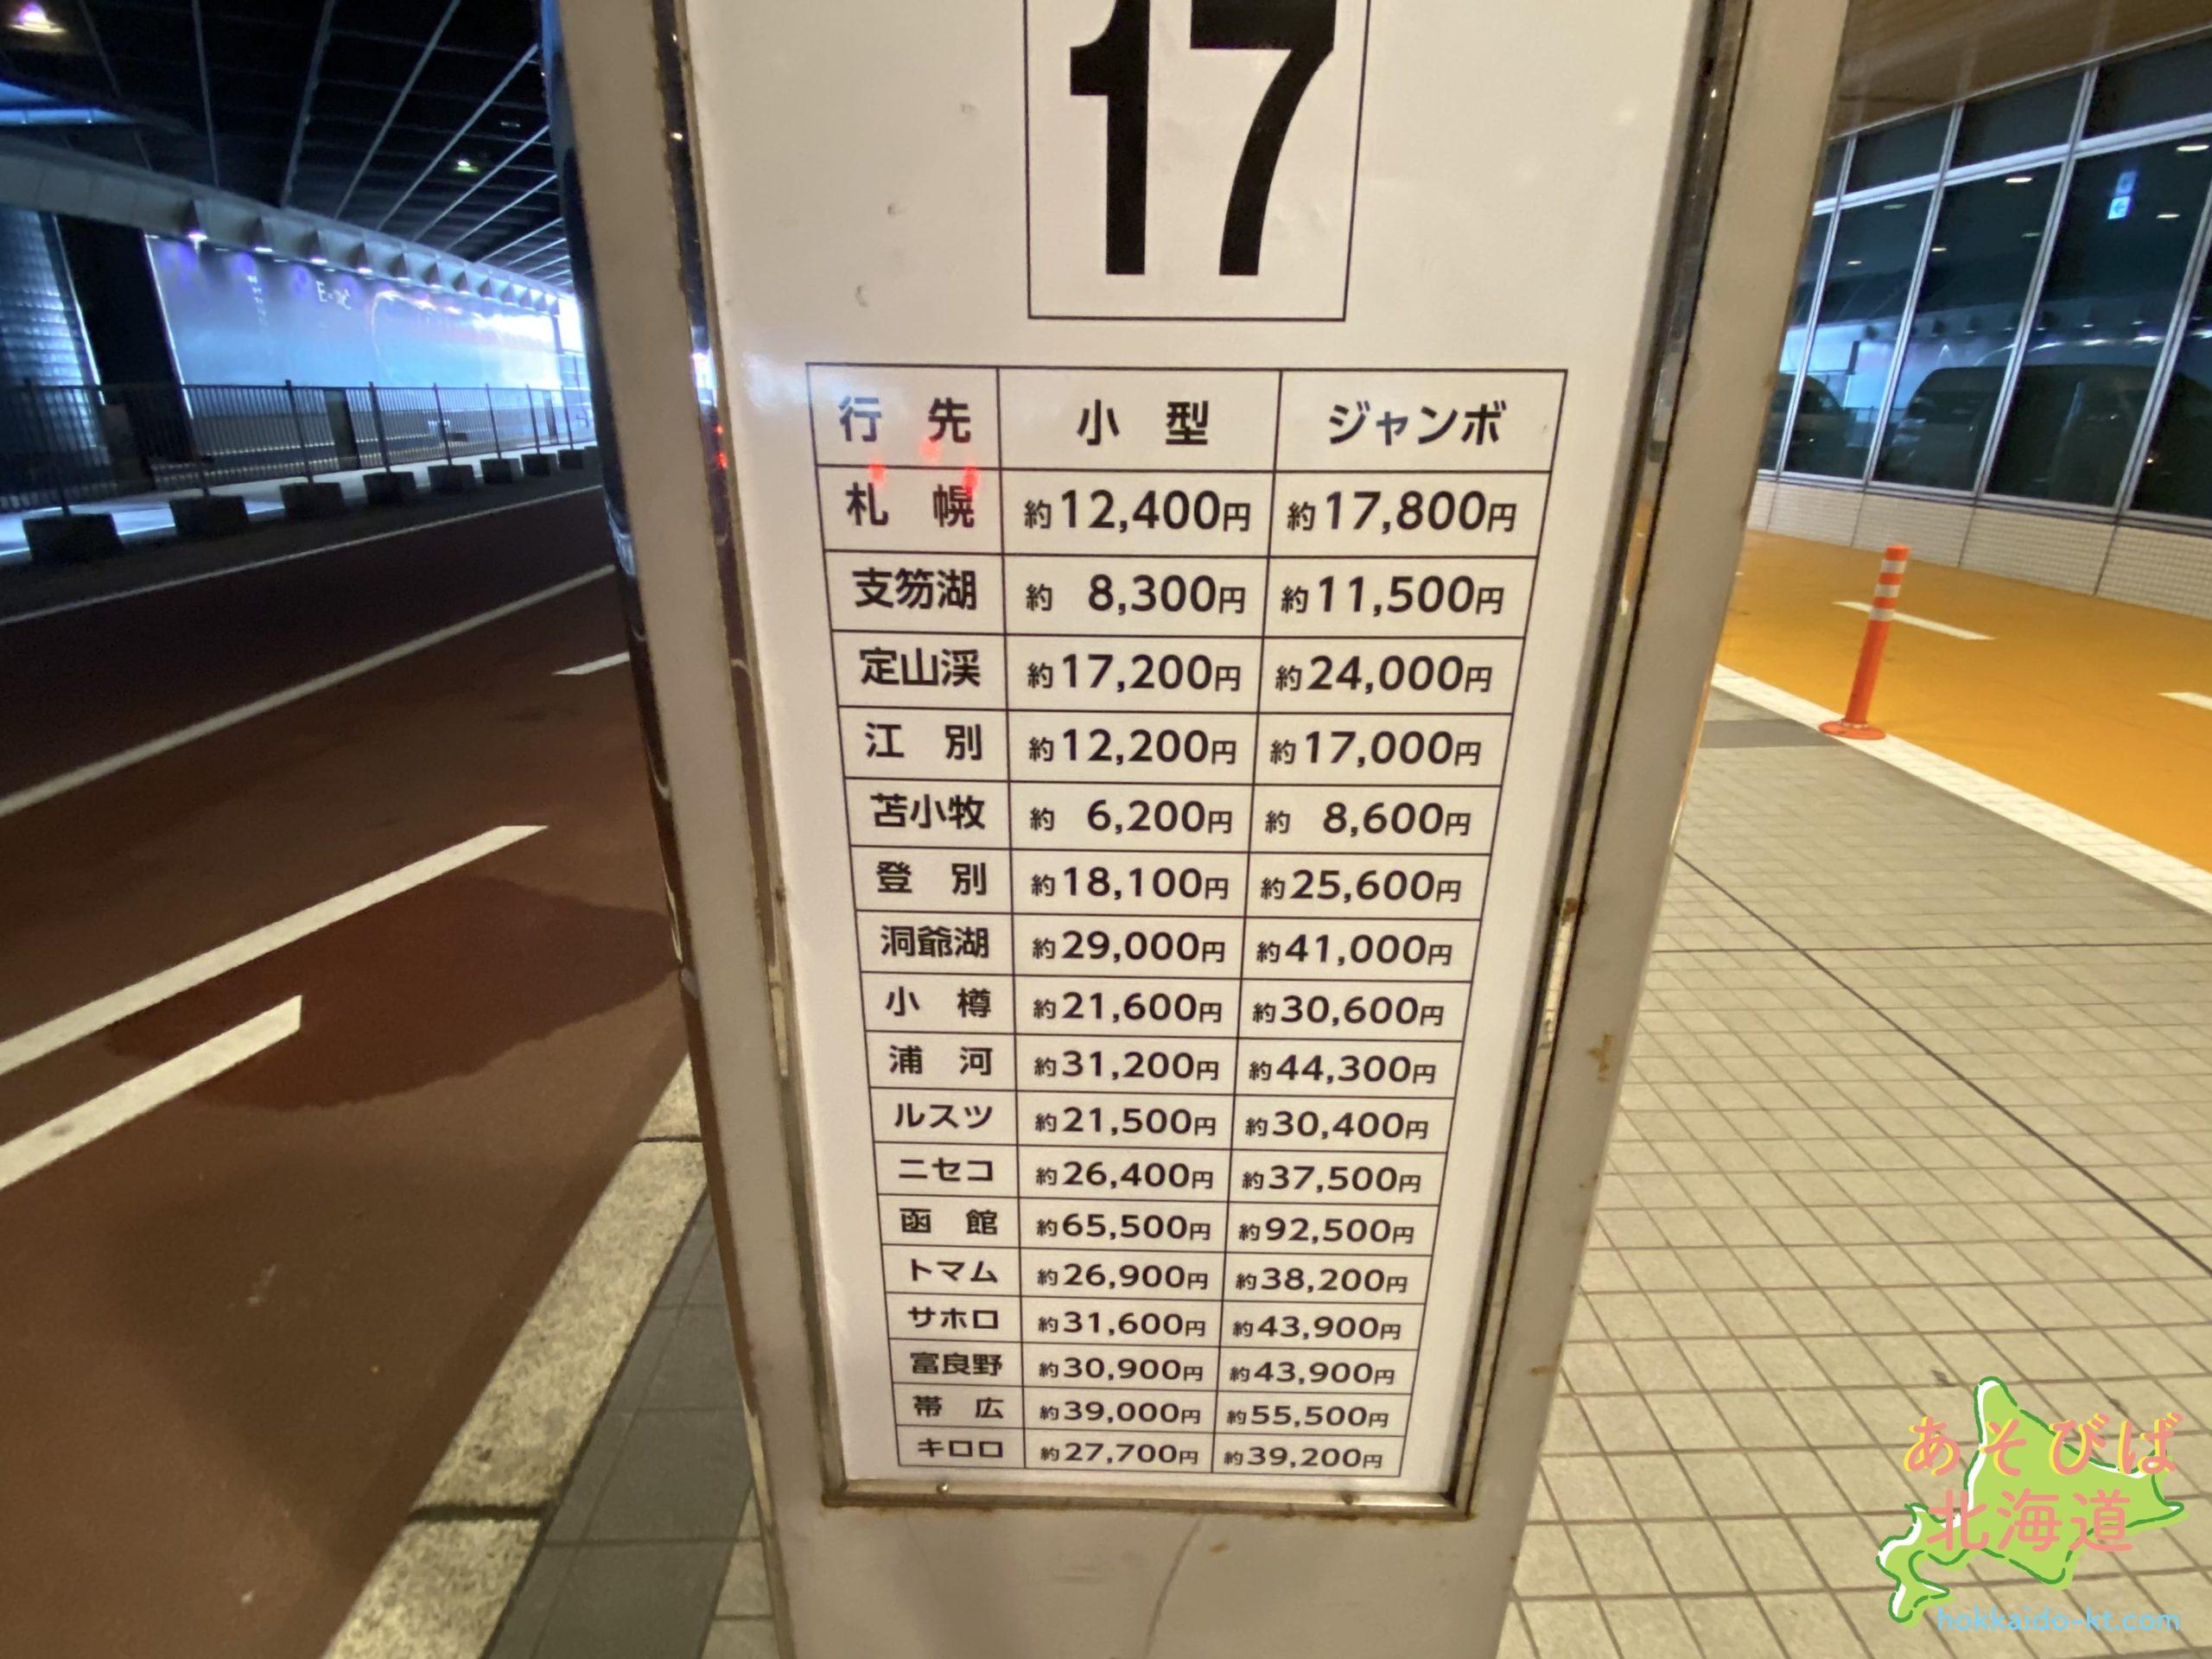 新千歳空港から札幌へのタクシー料金表